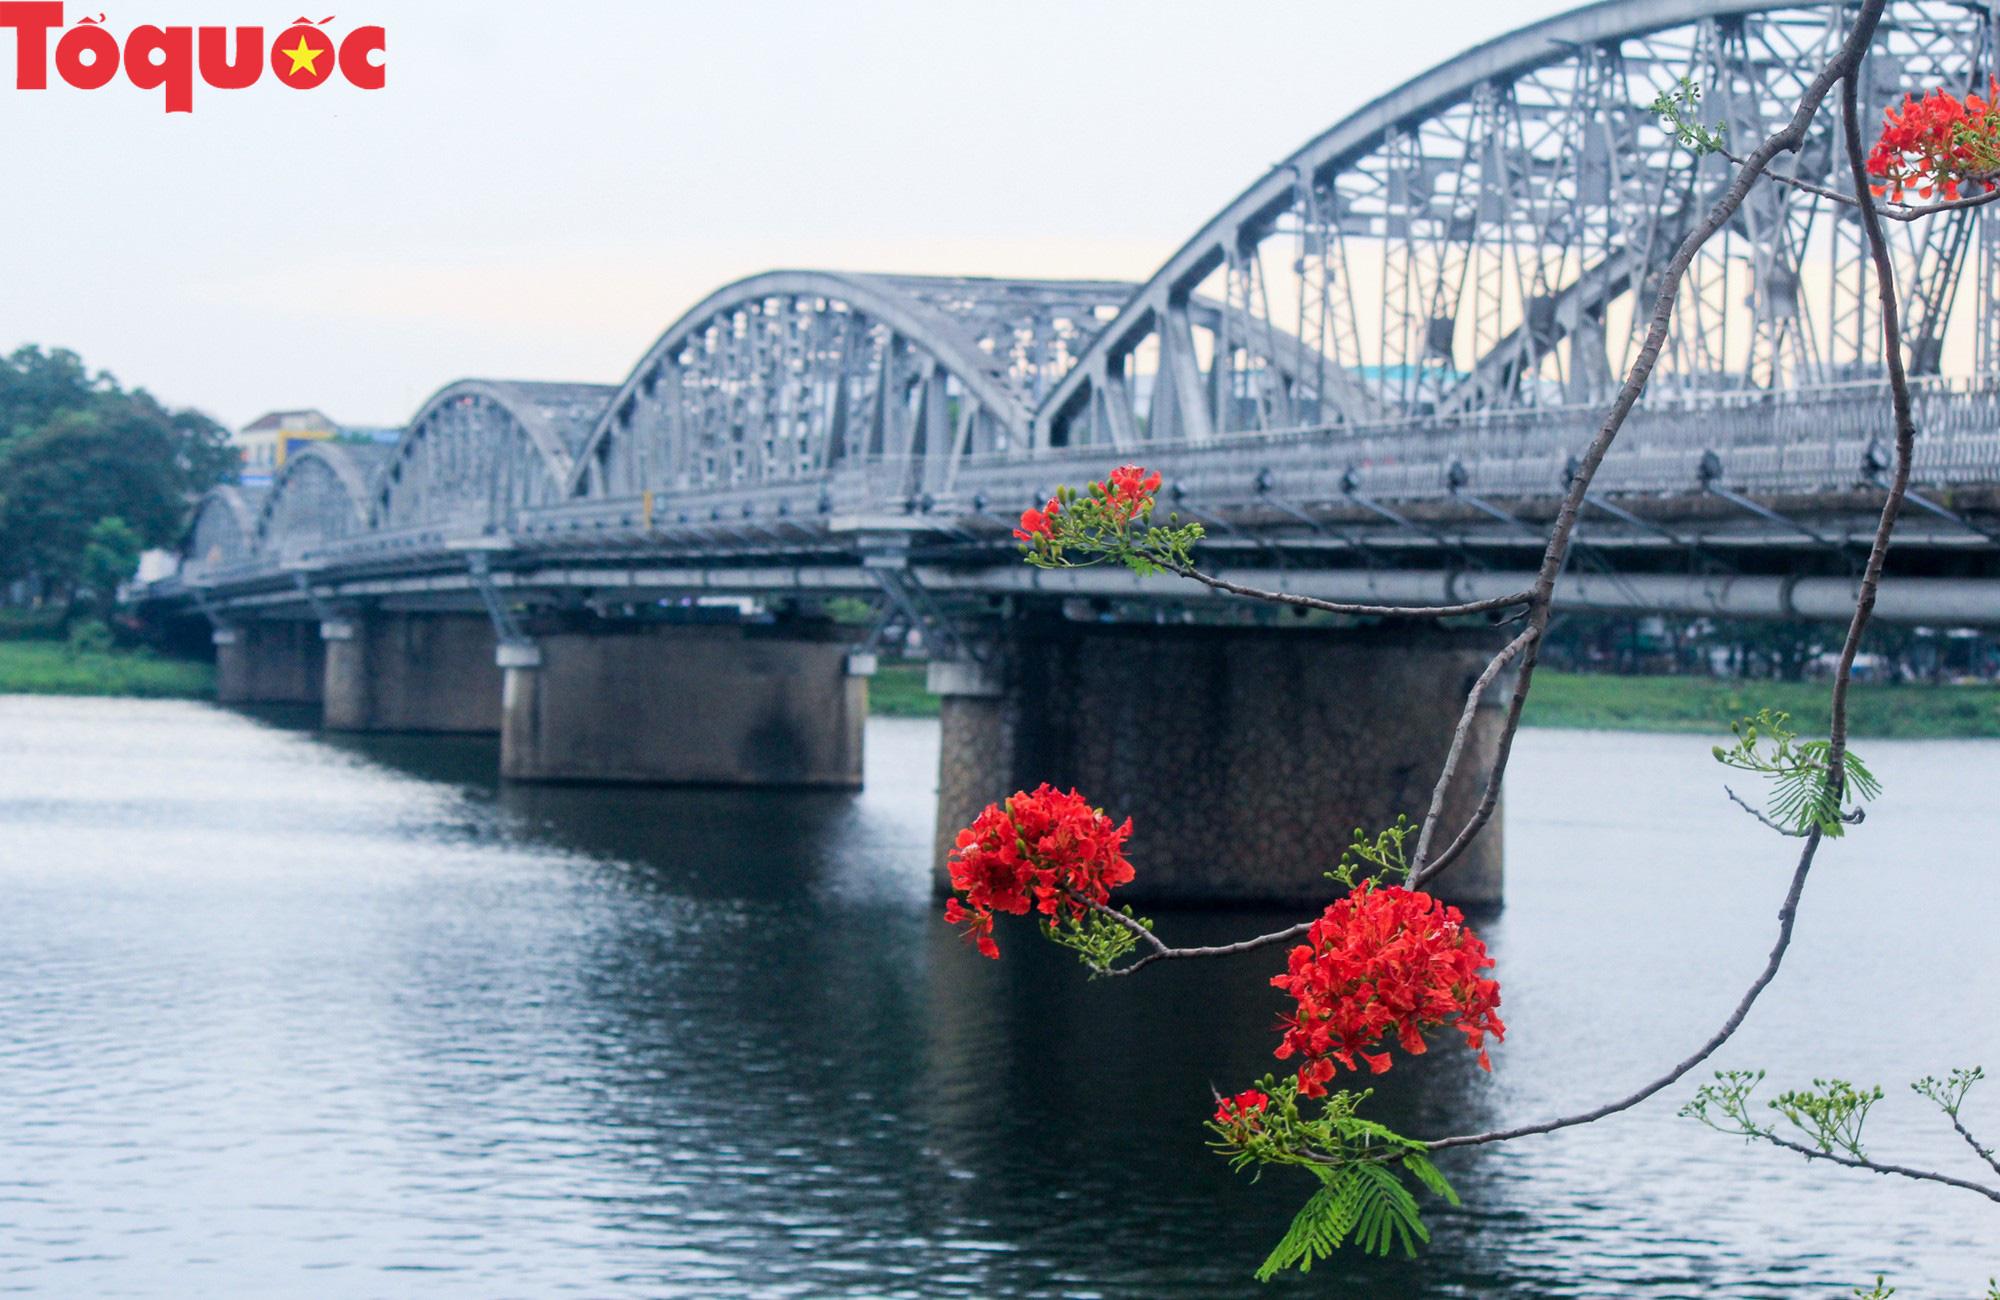 Đất trời xứ Huế đẹp rực rỡ trong mùa phượng vĩ nở hoa - Ảnh 18.